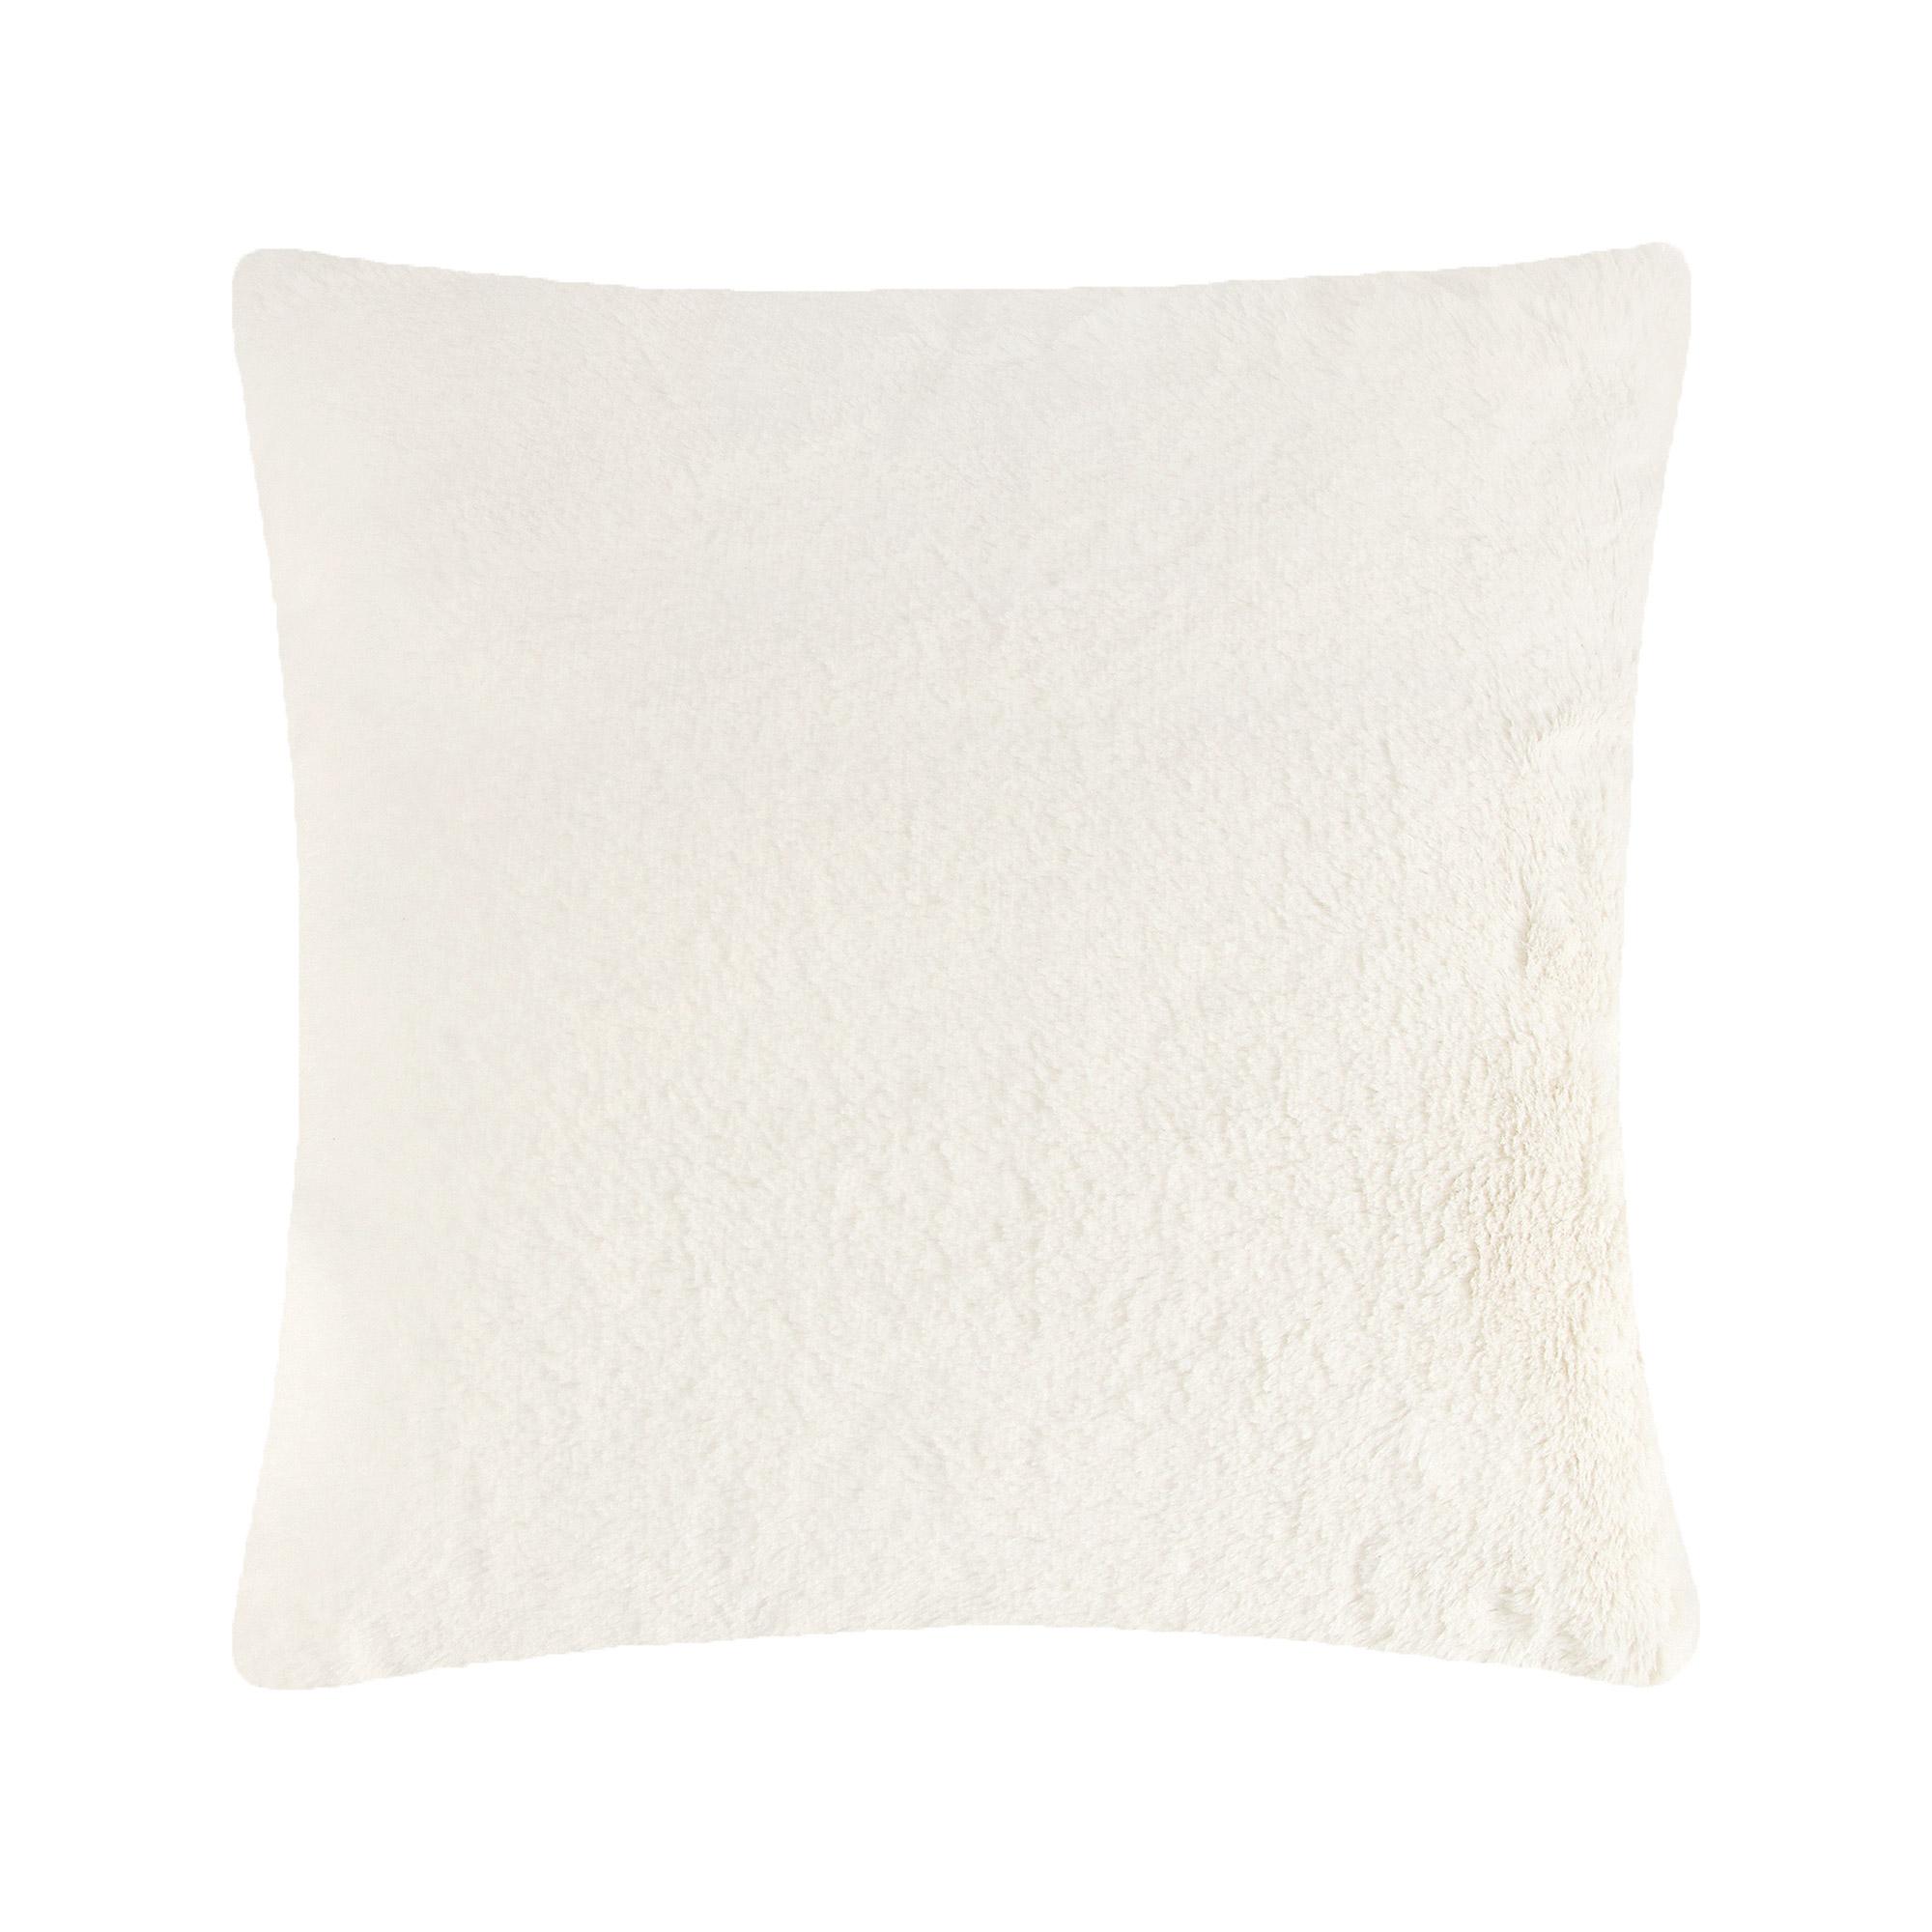 Подушка декоративная Wittkemper cozy кремовая